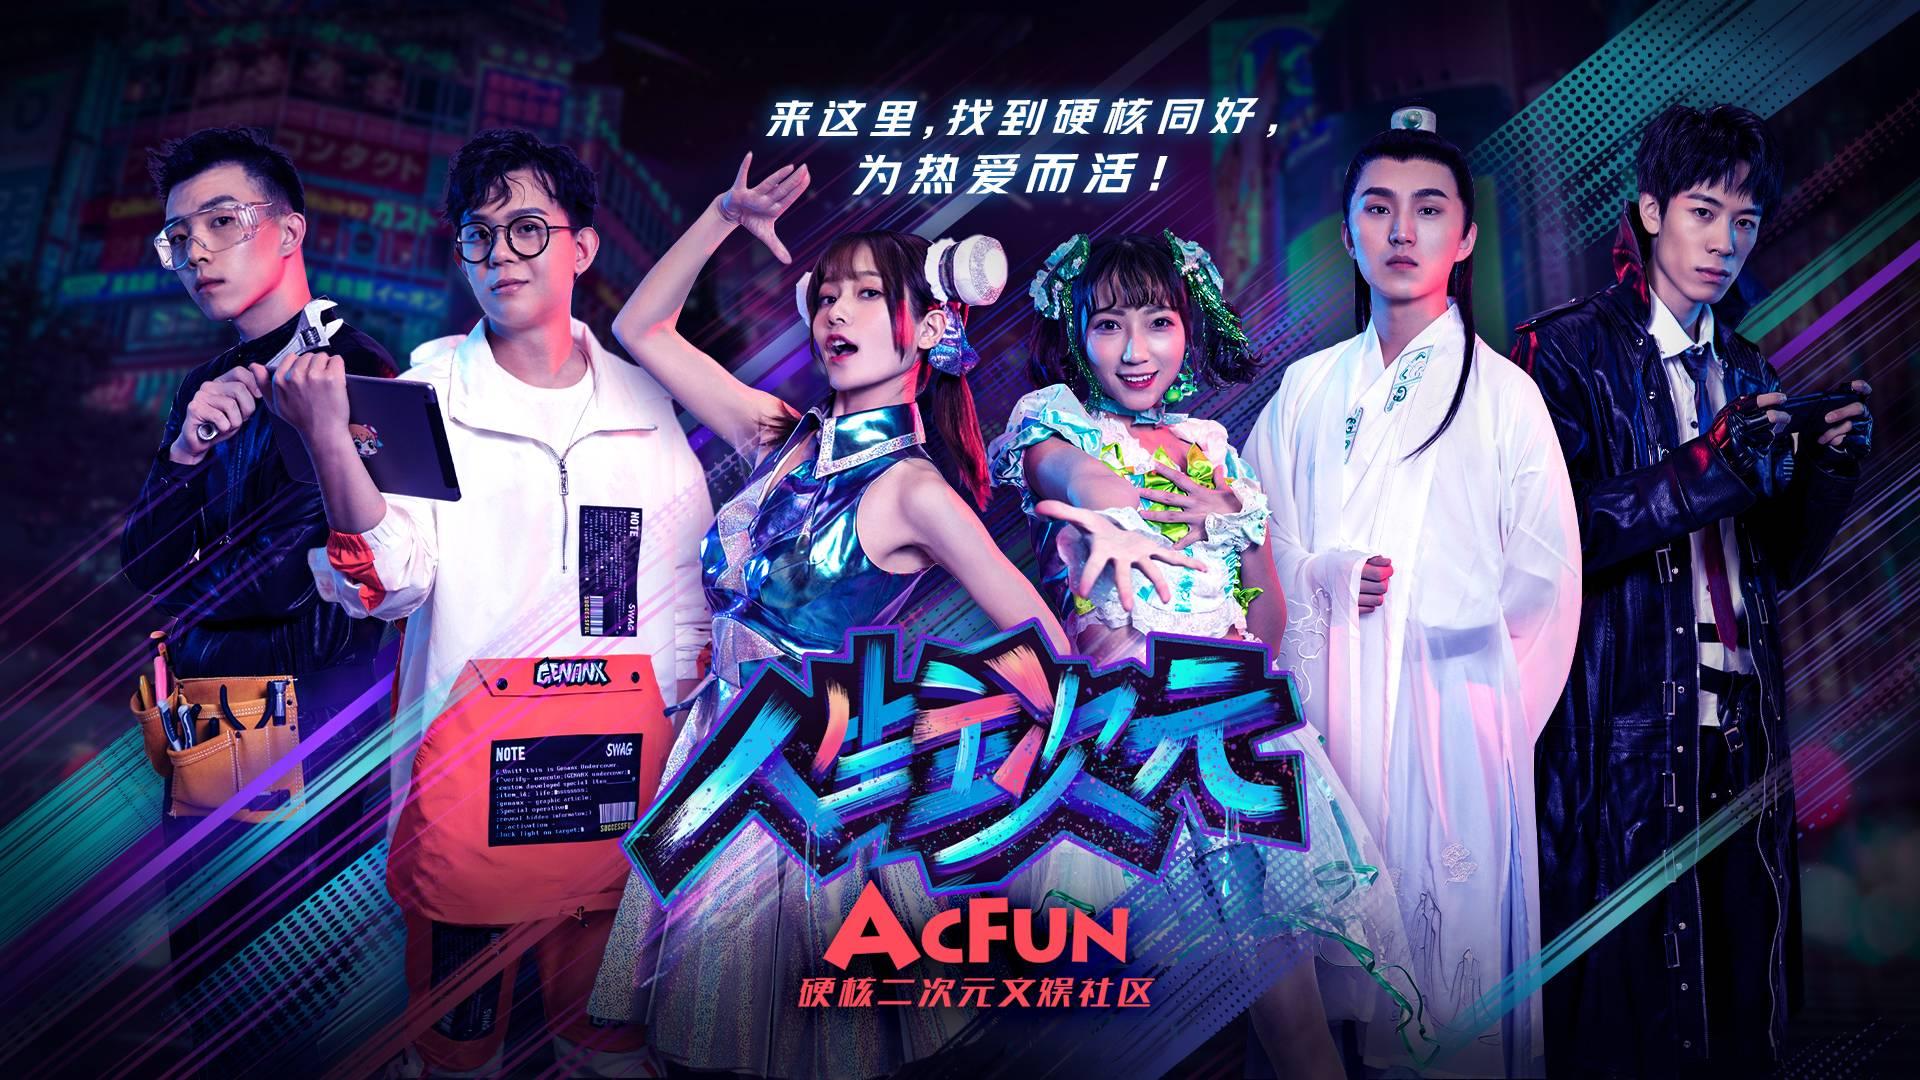 【人生主次元】AcFun首支广告宣传片正式上线!